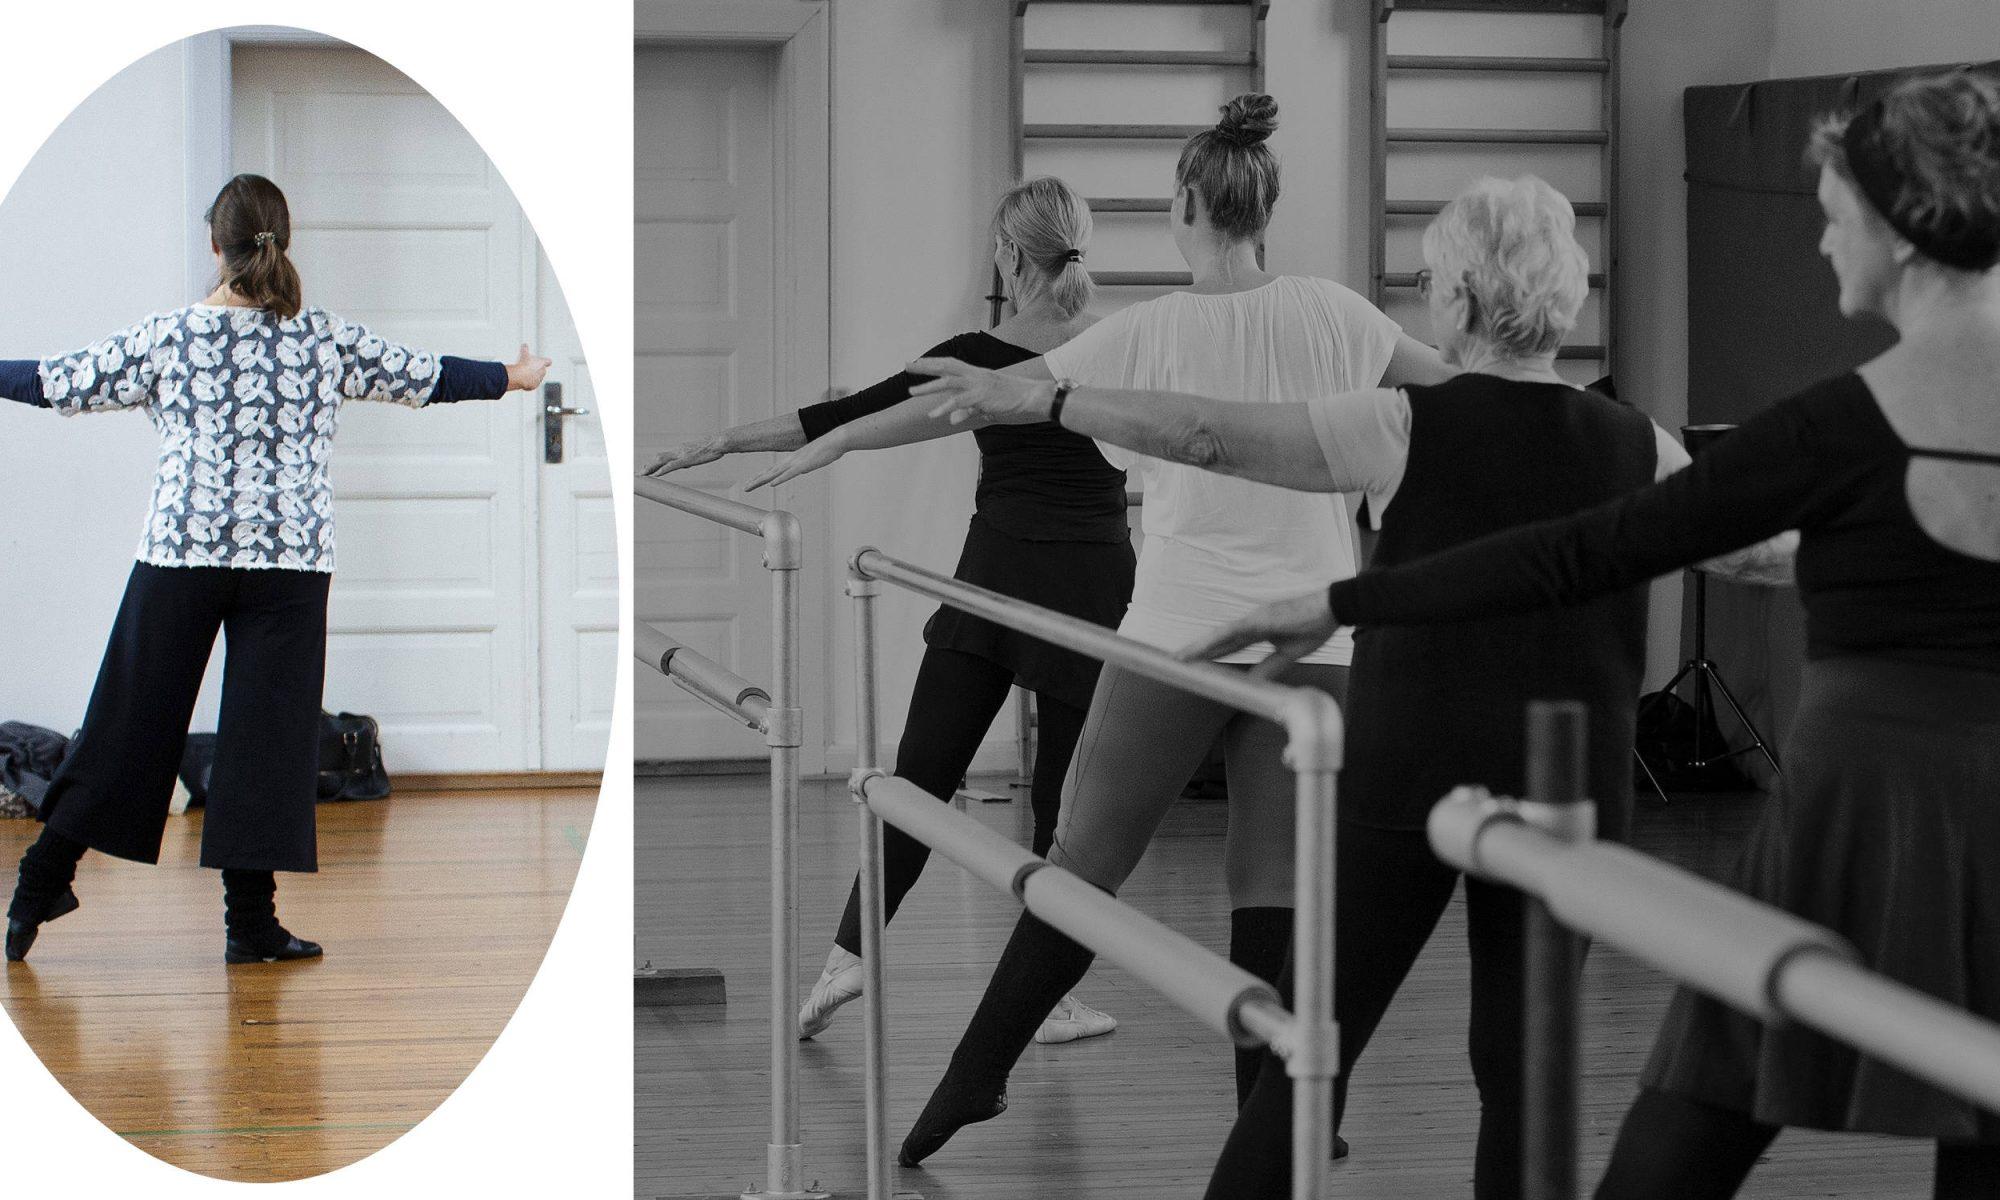 Bliv balletfitness-instruktør - lær andre at styrke kroppen og blive smidigere med denne vidunderlige træningsmetode.